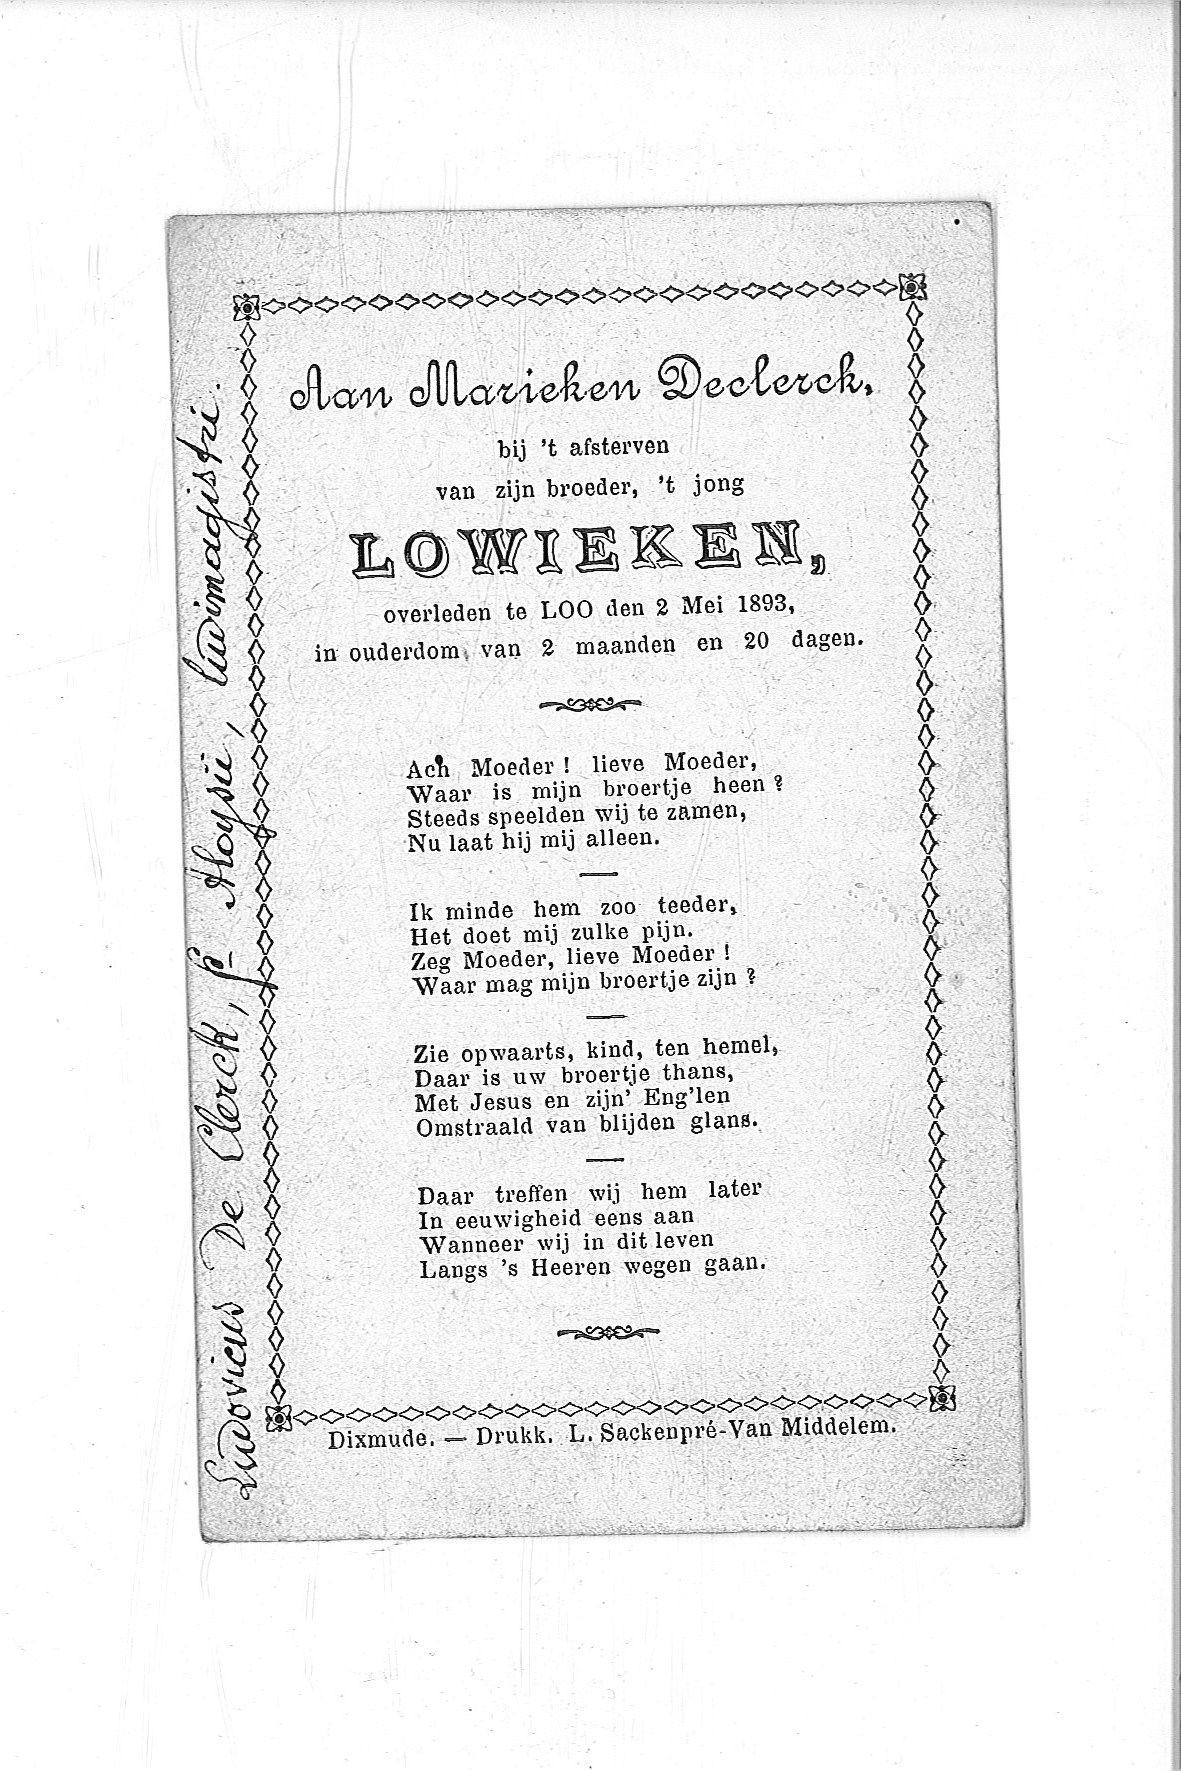 Lowieken(1893)20090903142539_00031.jpg